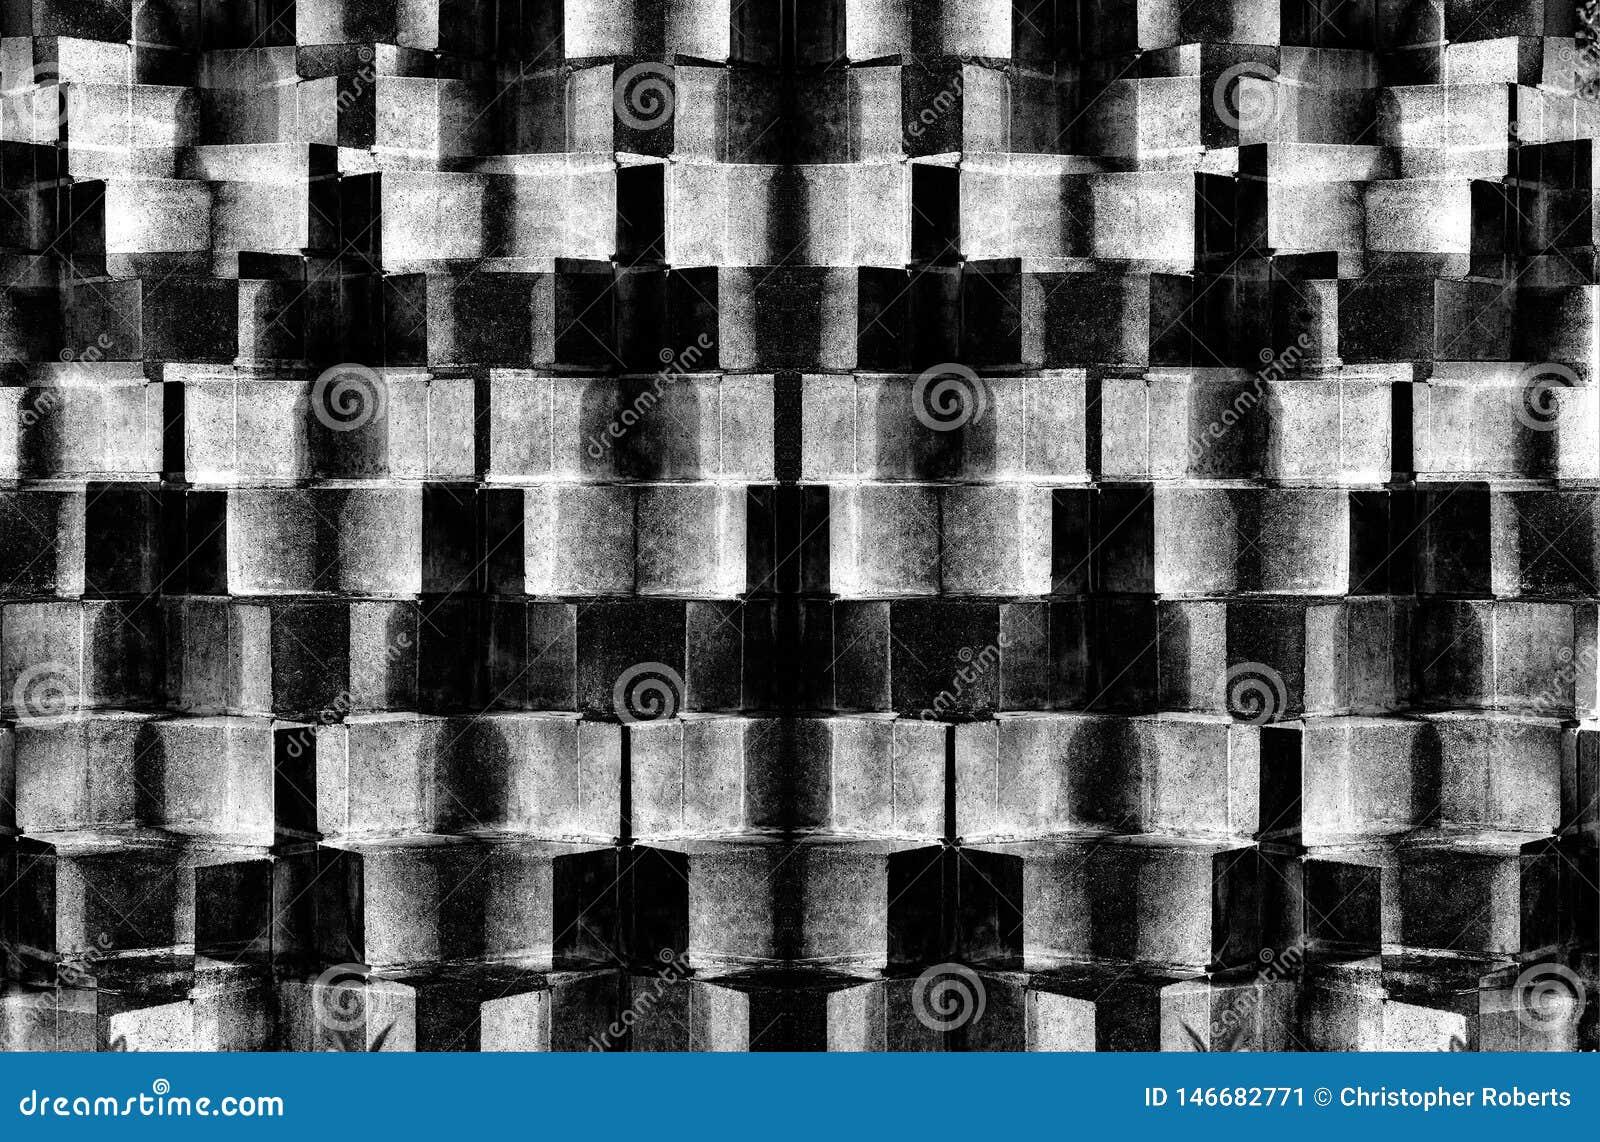 Modèles abstraits de brique avec des couleurs noires et blanches